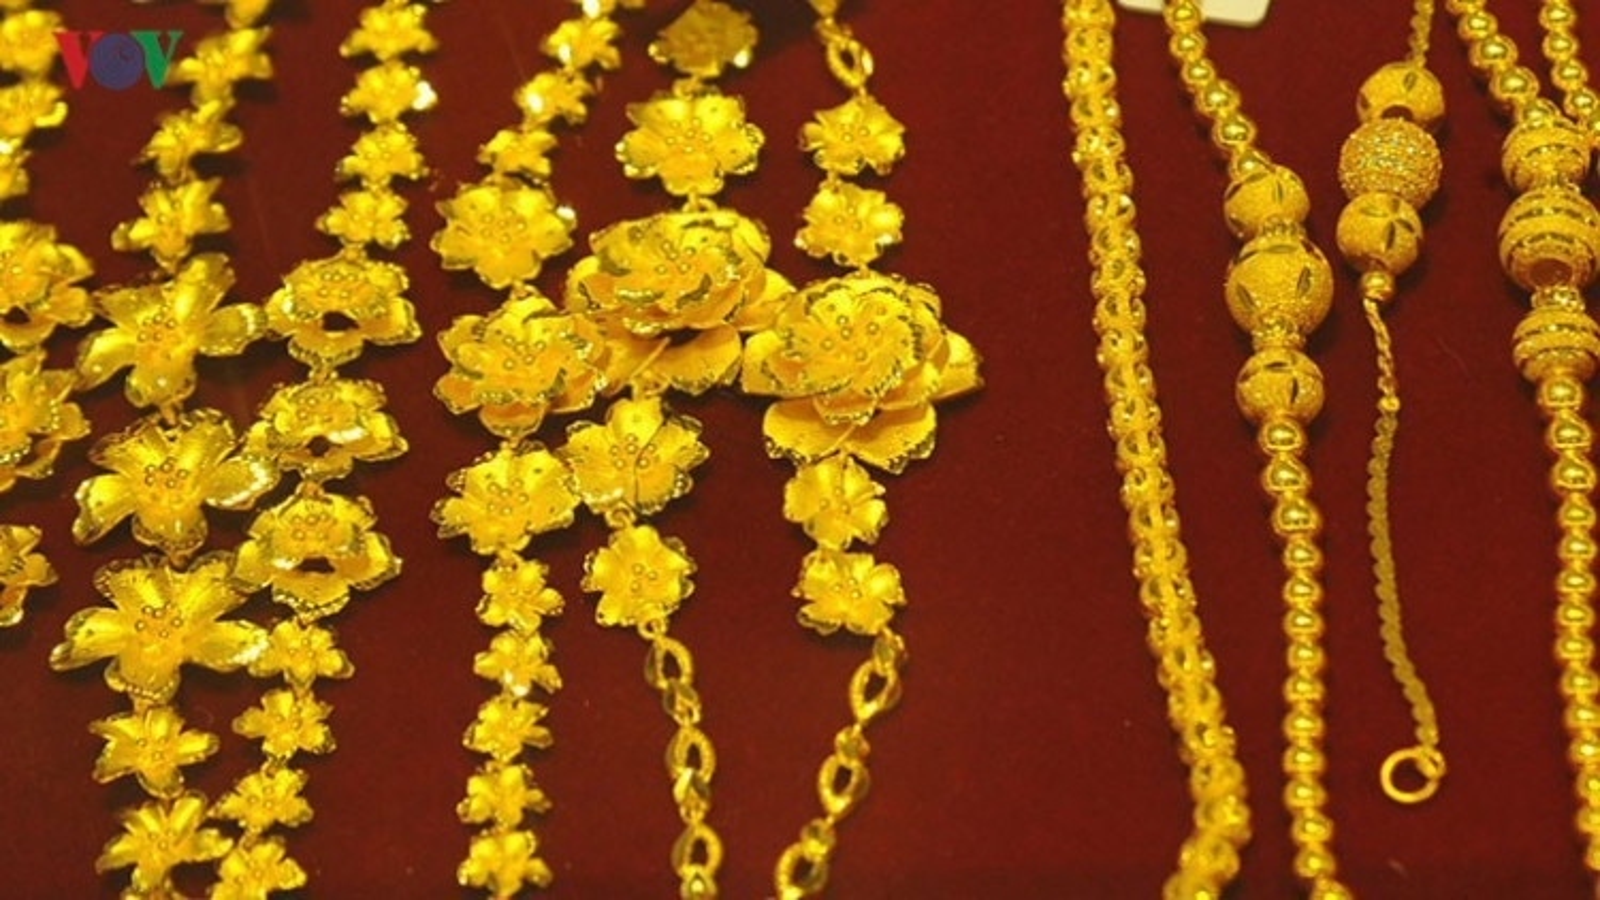 Giá vàng SJC giảm nhẹ, vẫn neo trên mức 50 triệu đồng/lượng